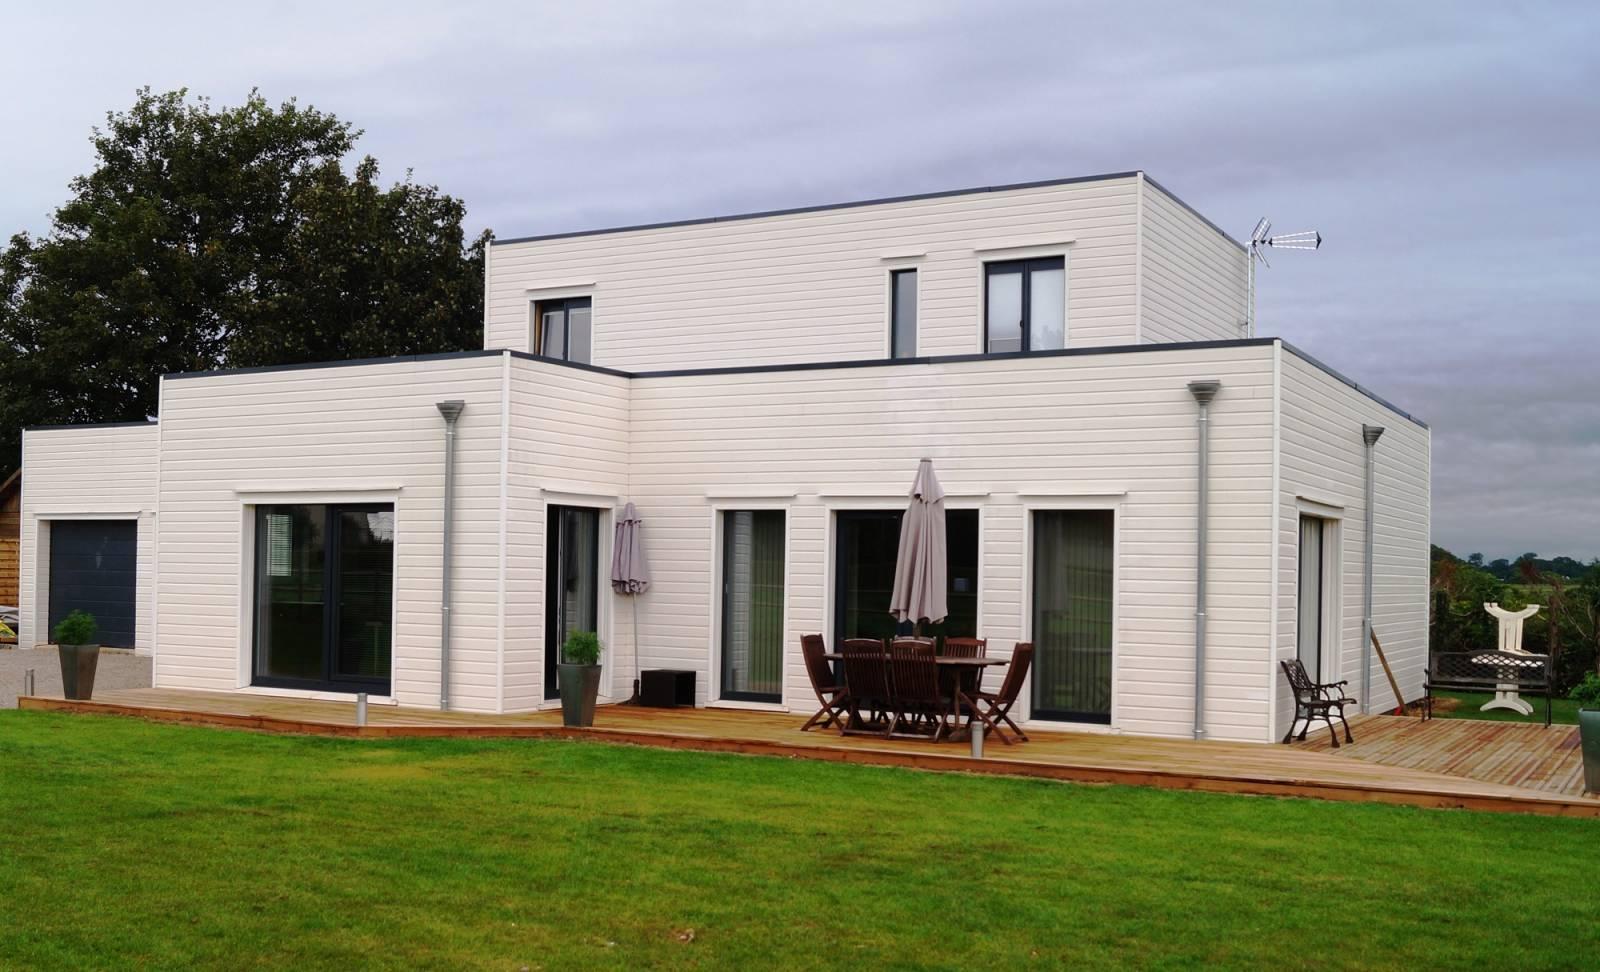 Maison En Bois Normandie construction de maison individuelle en ossature bois en